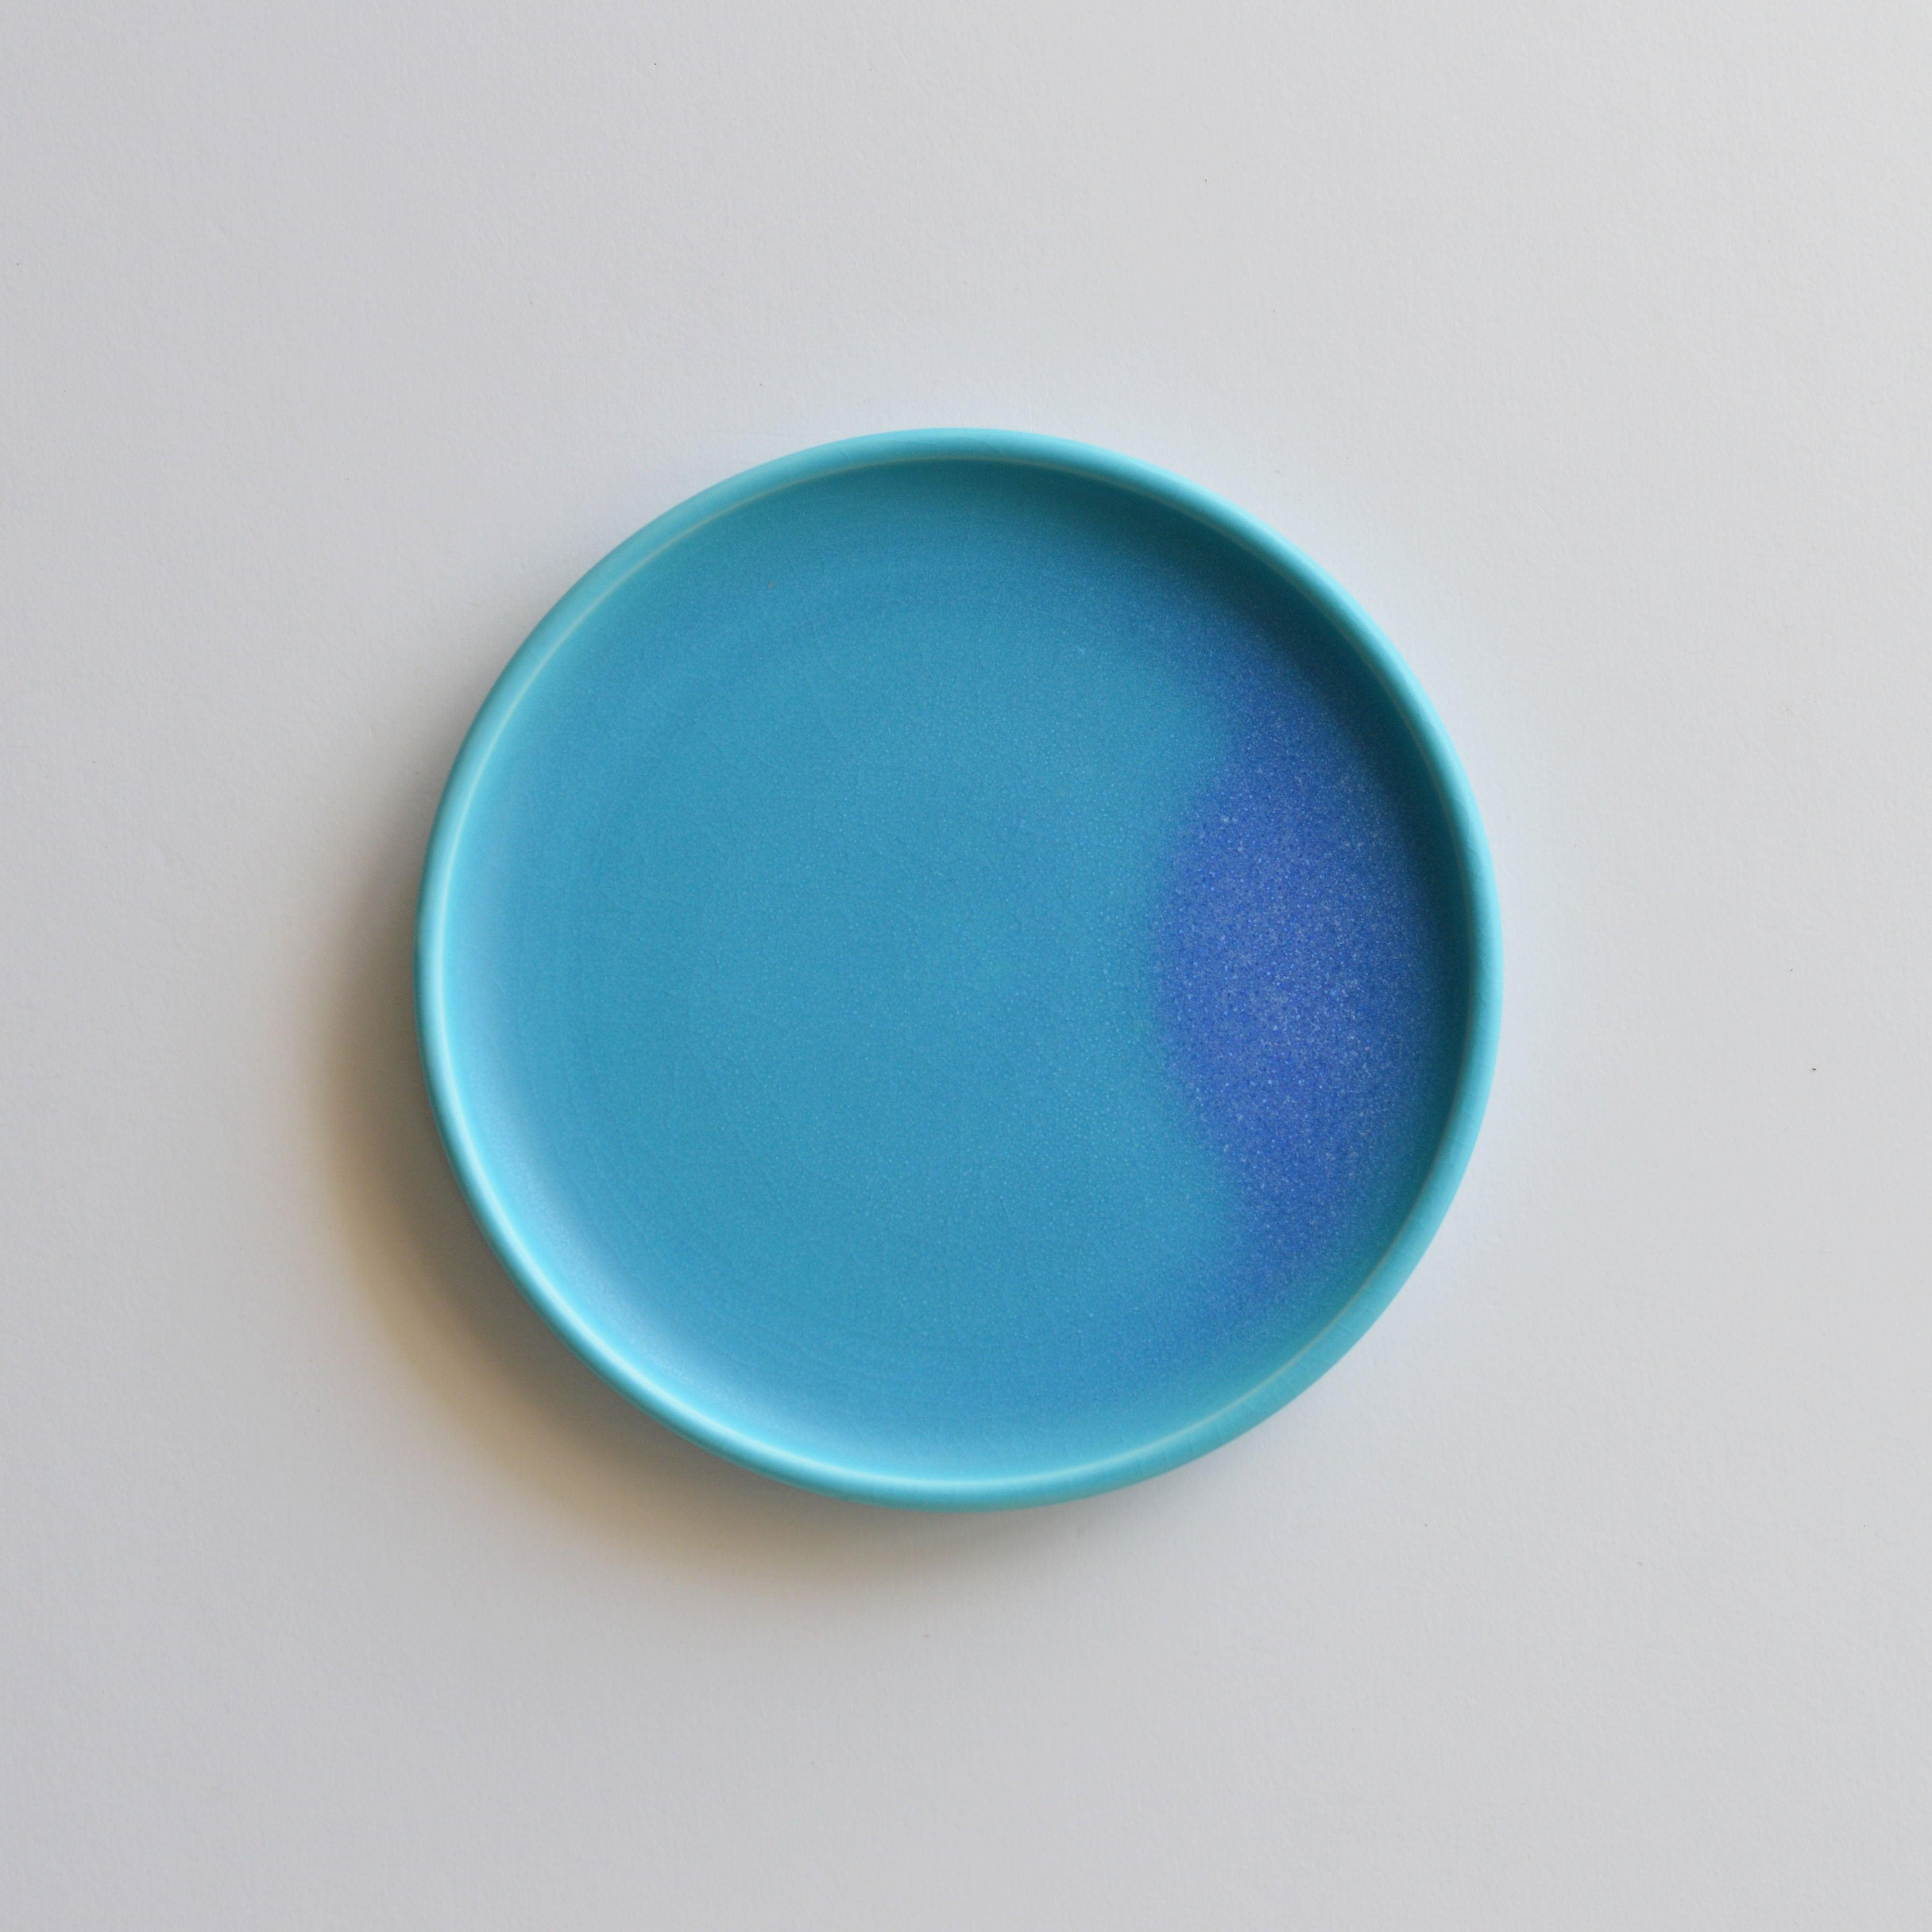 トルコ青  6寸皿  琉球工藝